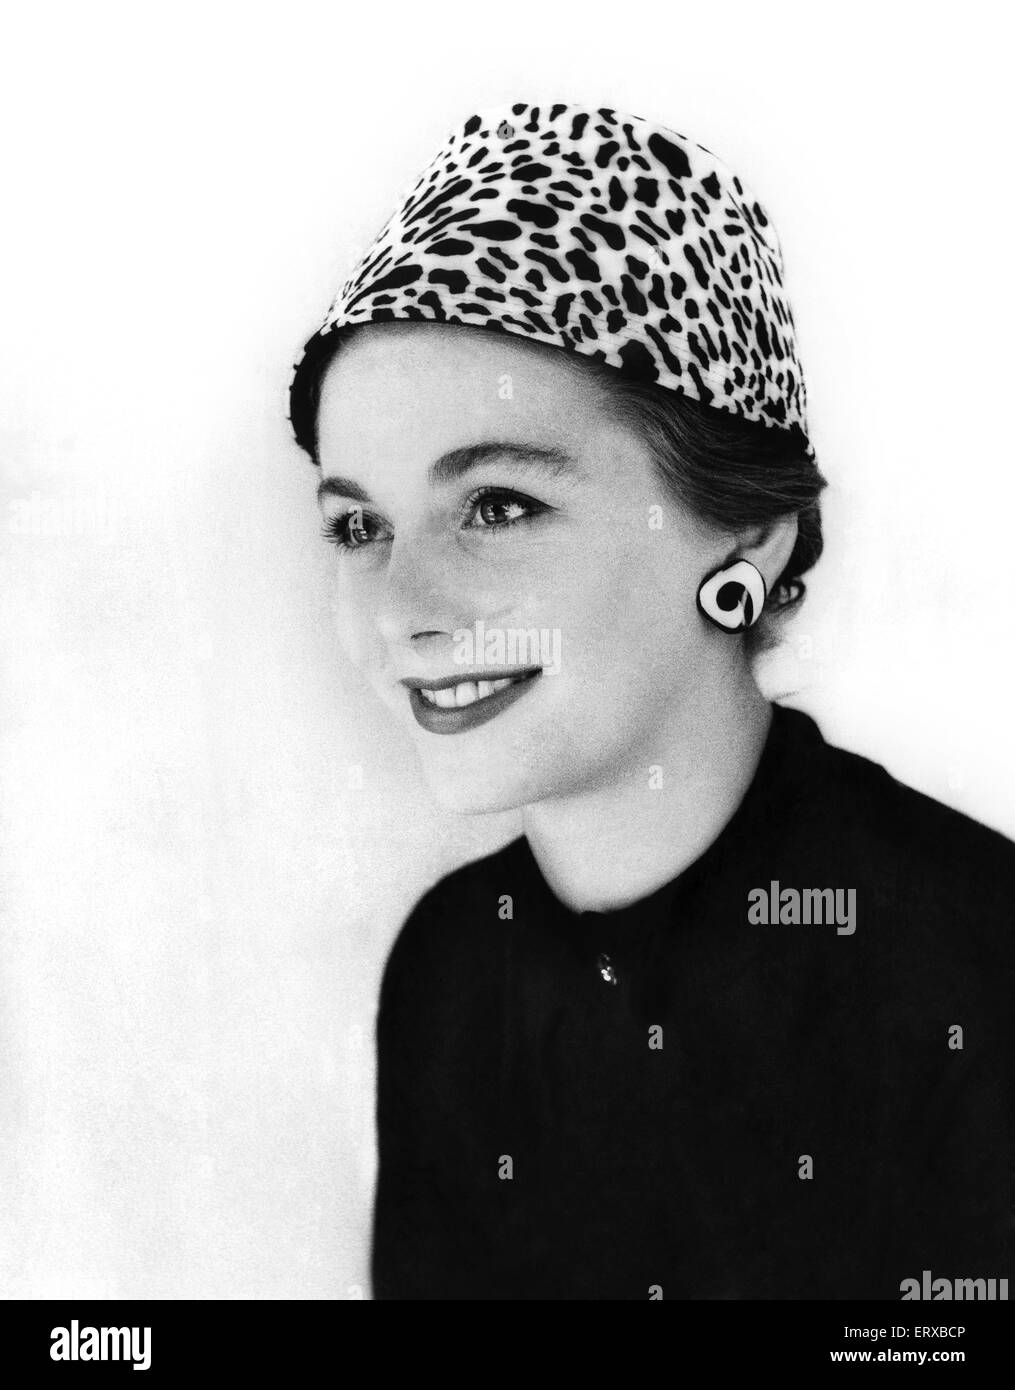 Eine Frau, die Modellierung eines Tieres drucken Hut. 13. September 1955 Stockbild